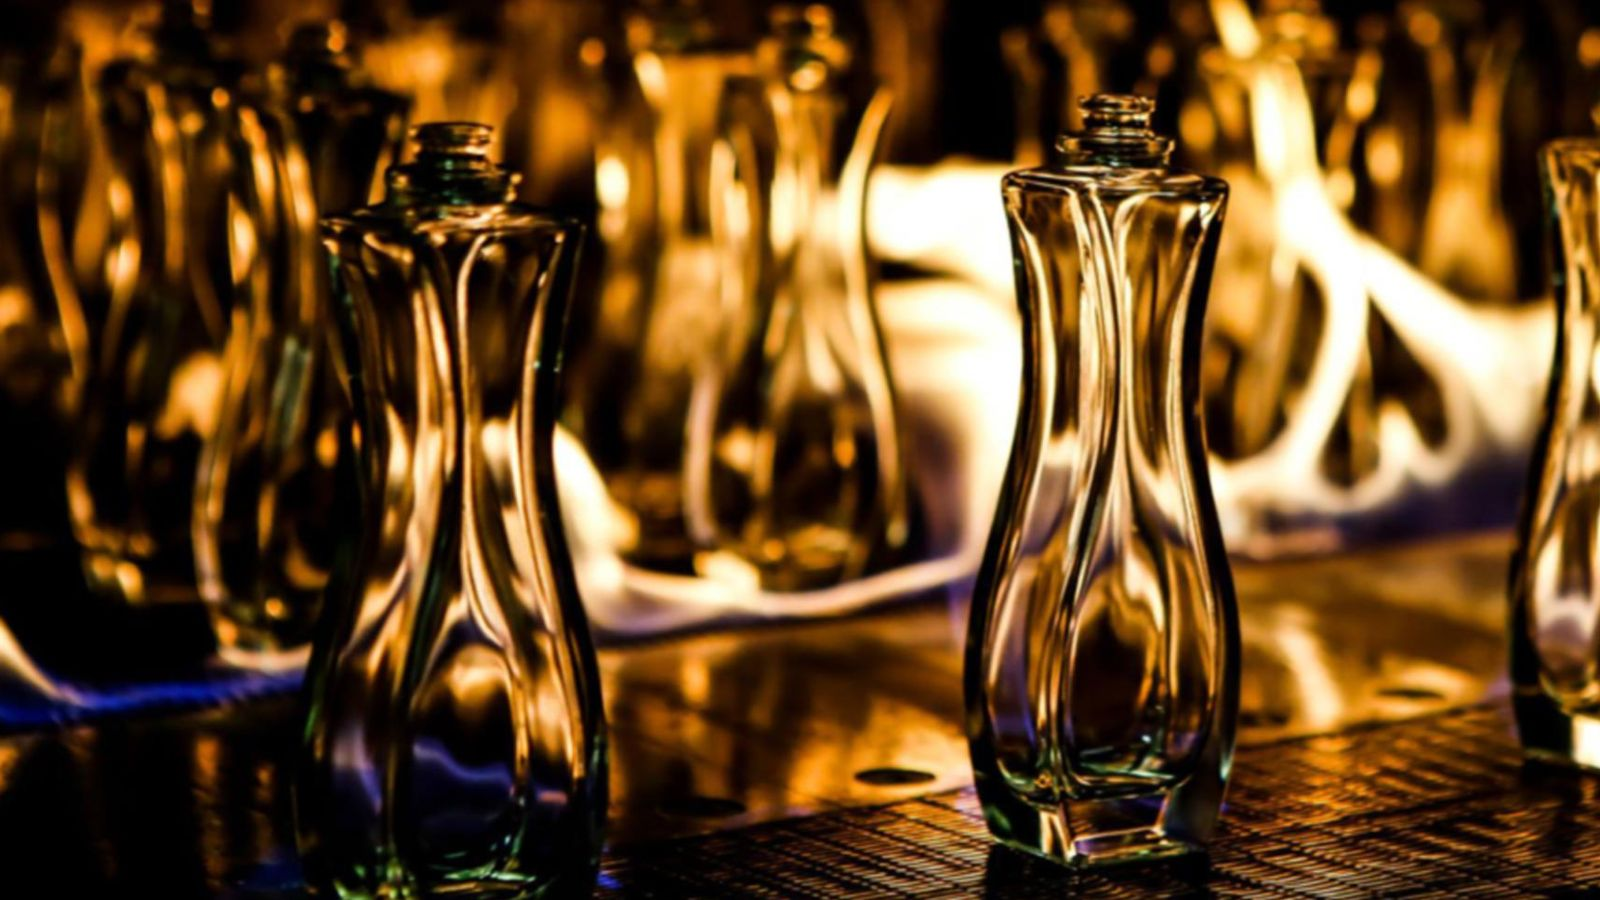 Das Bild zeigt Glasflaschen auf einer Produktionsstraße.